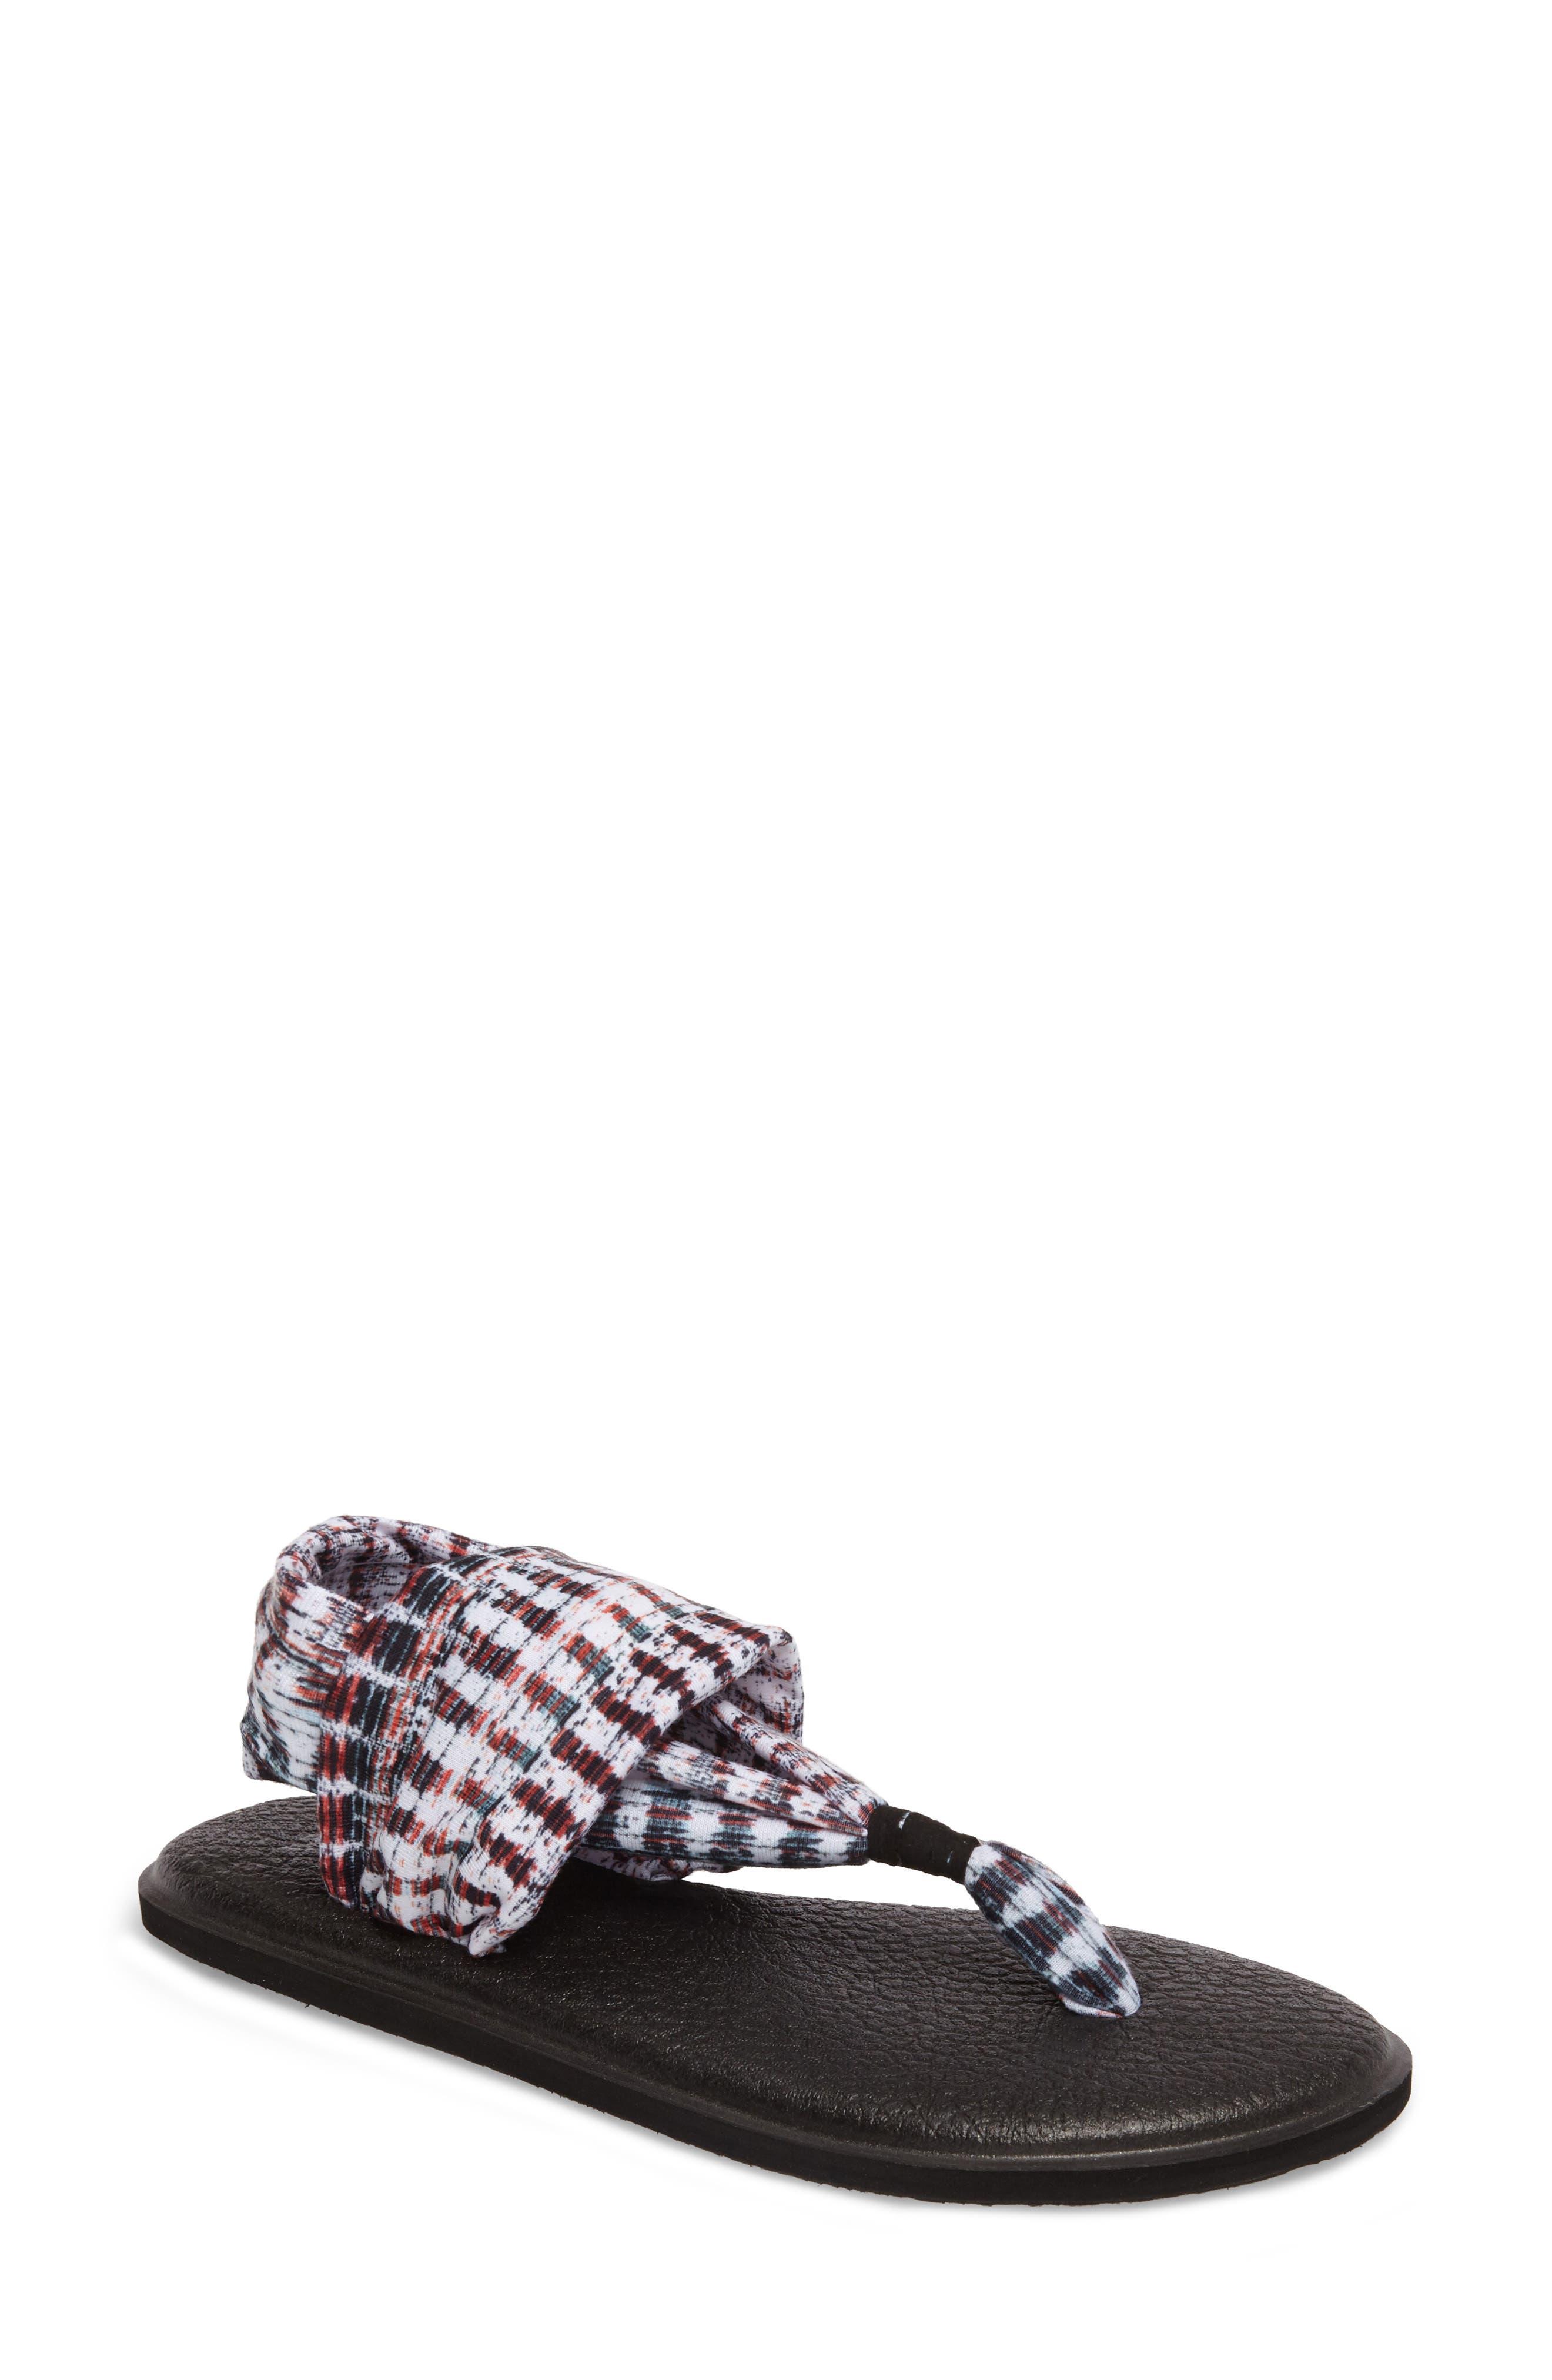 Alternate Image 1 Selected - Sanuk 'Yoga Sling 2' Sandal